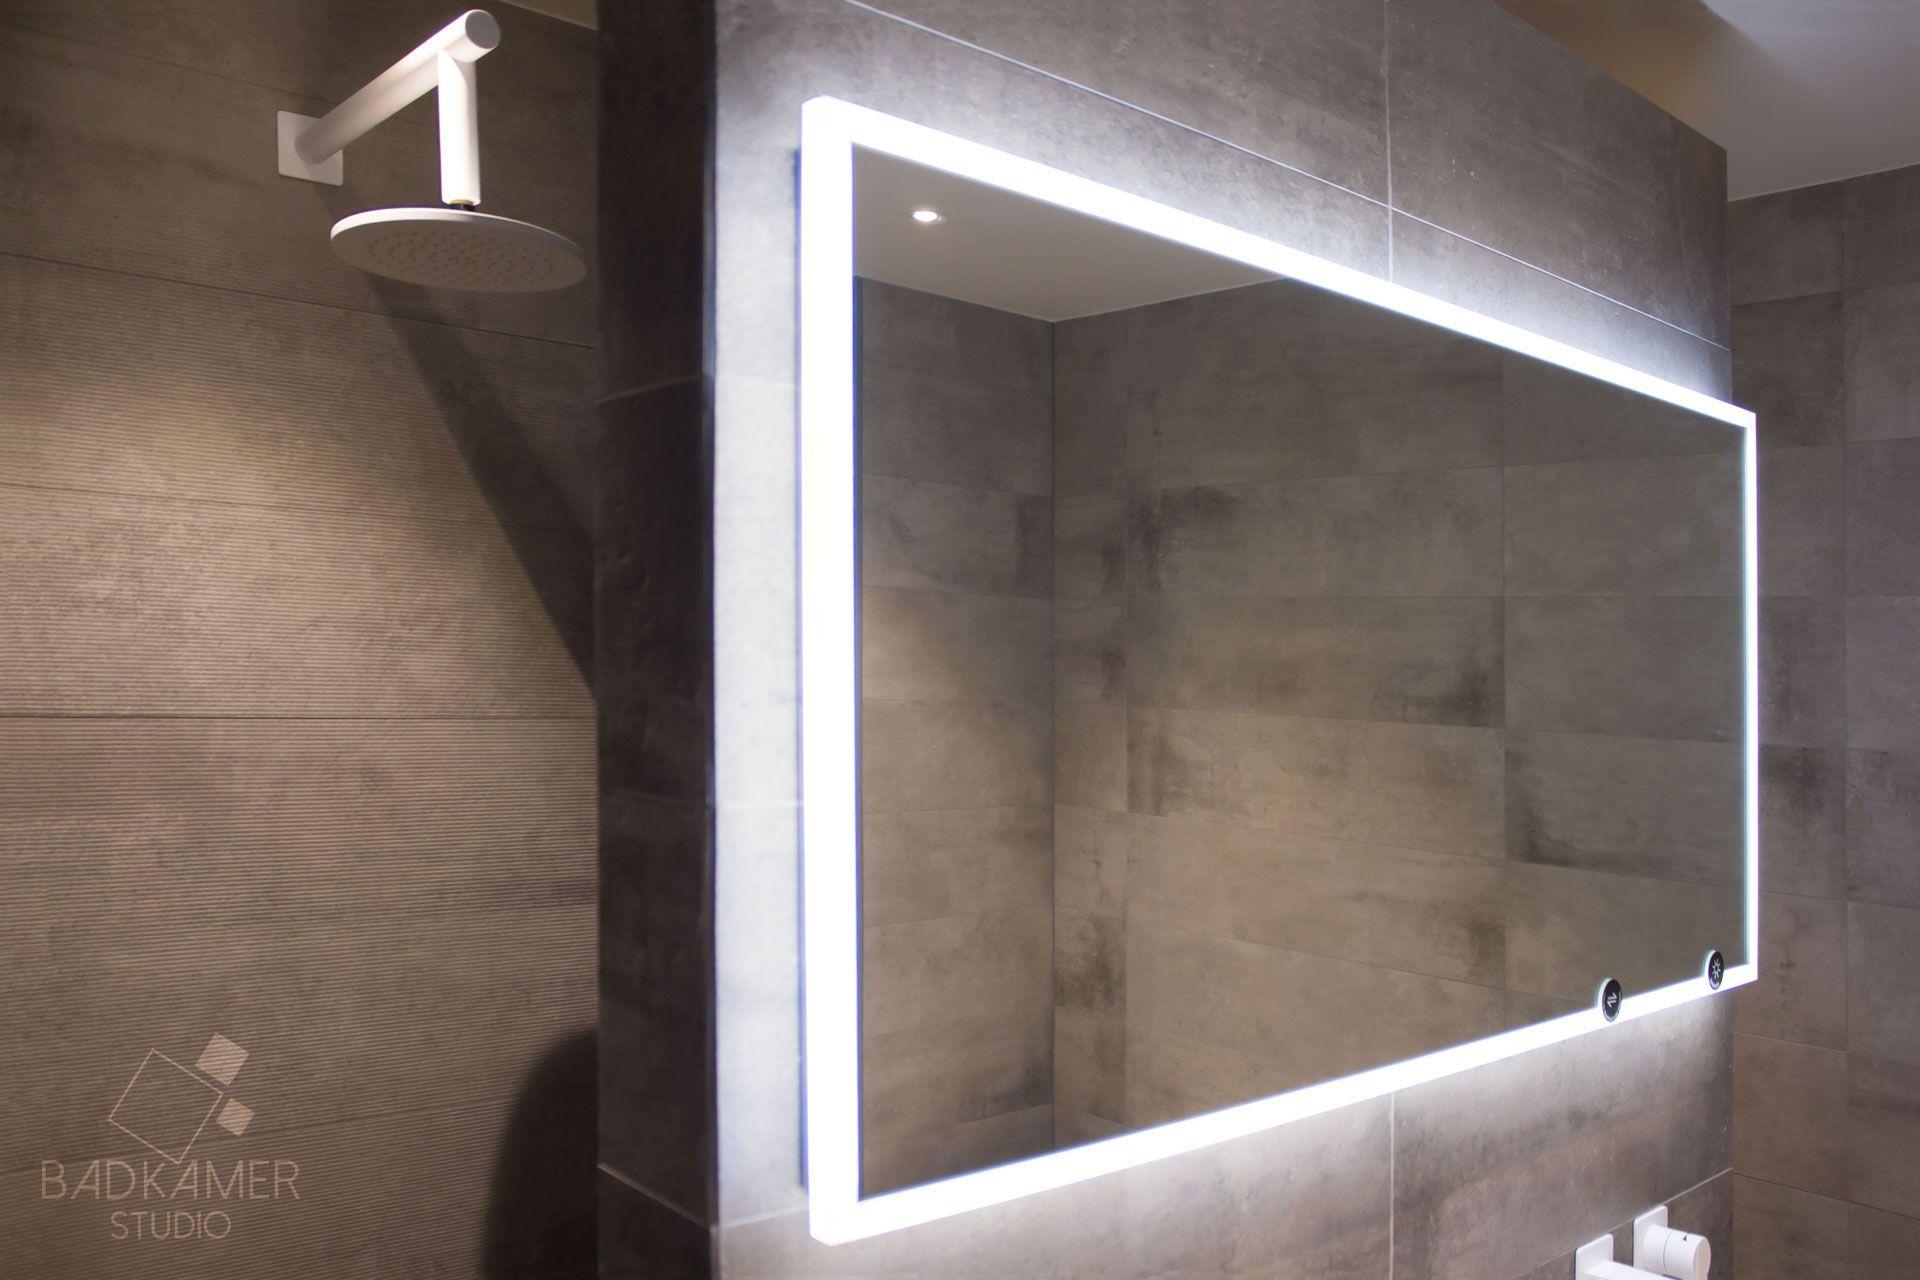 Spiegel met LED verlichting, grijze tegels en een mat witte ...